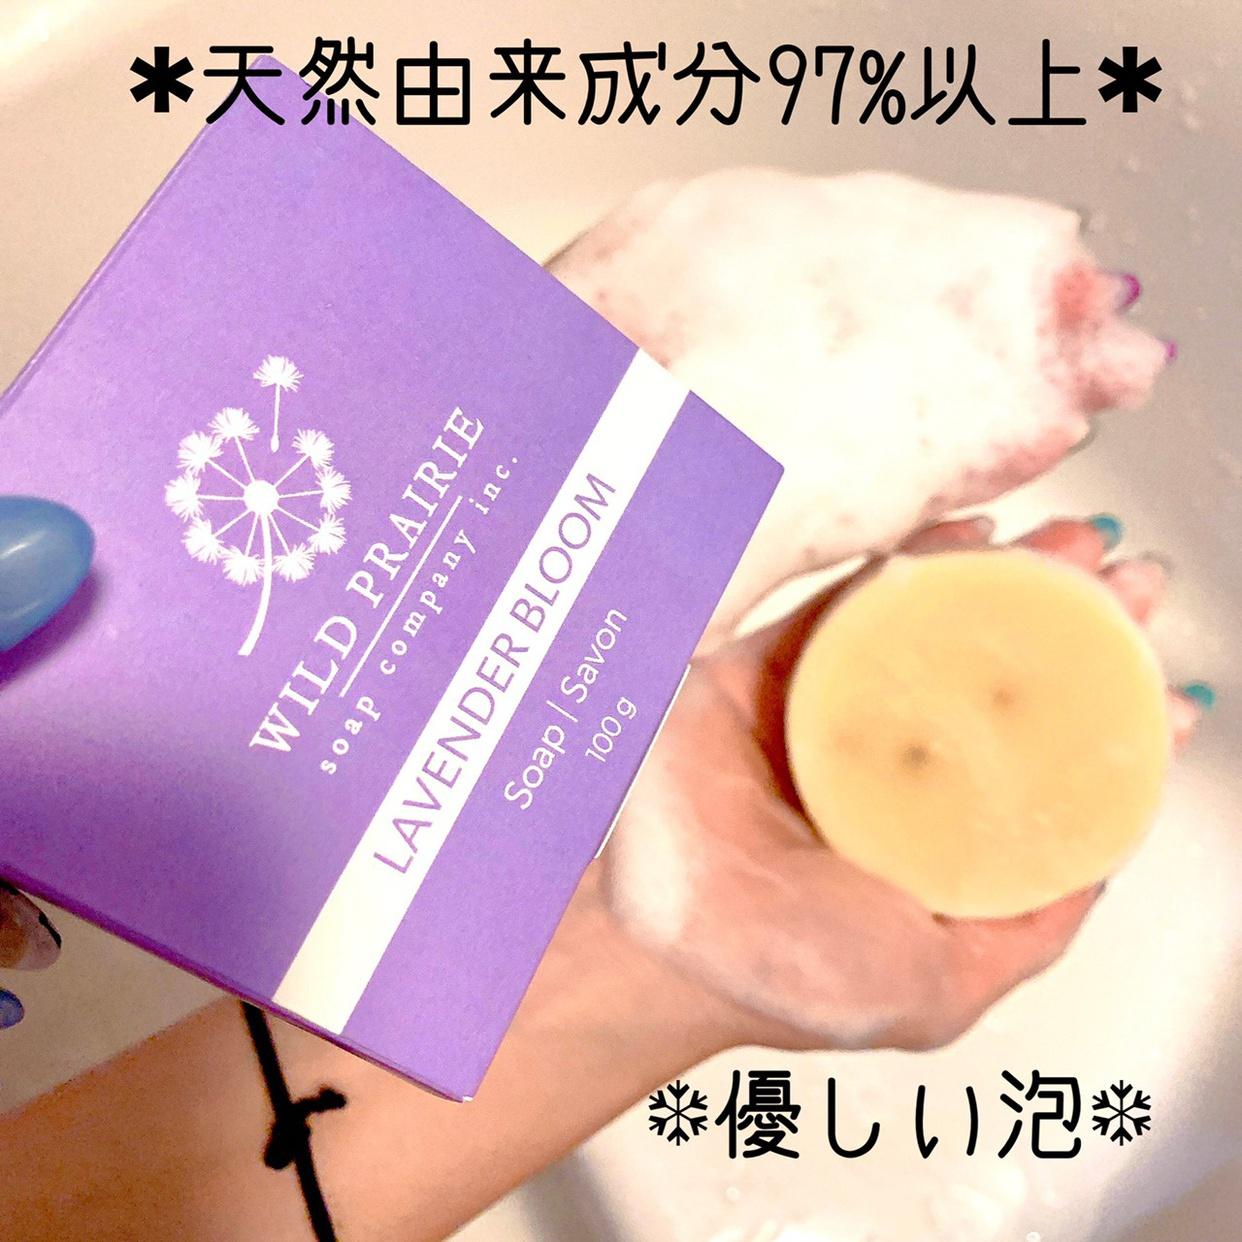 Wild Prairie Soap(ワイルドプレイリーソープ) 石けんの良い点・メリットに関するkana_cafe_timeさんの口コミ画像3